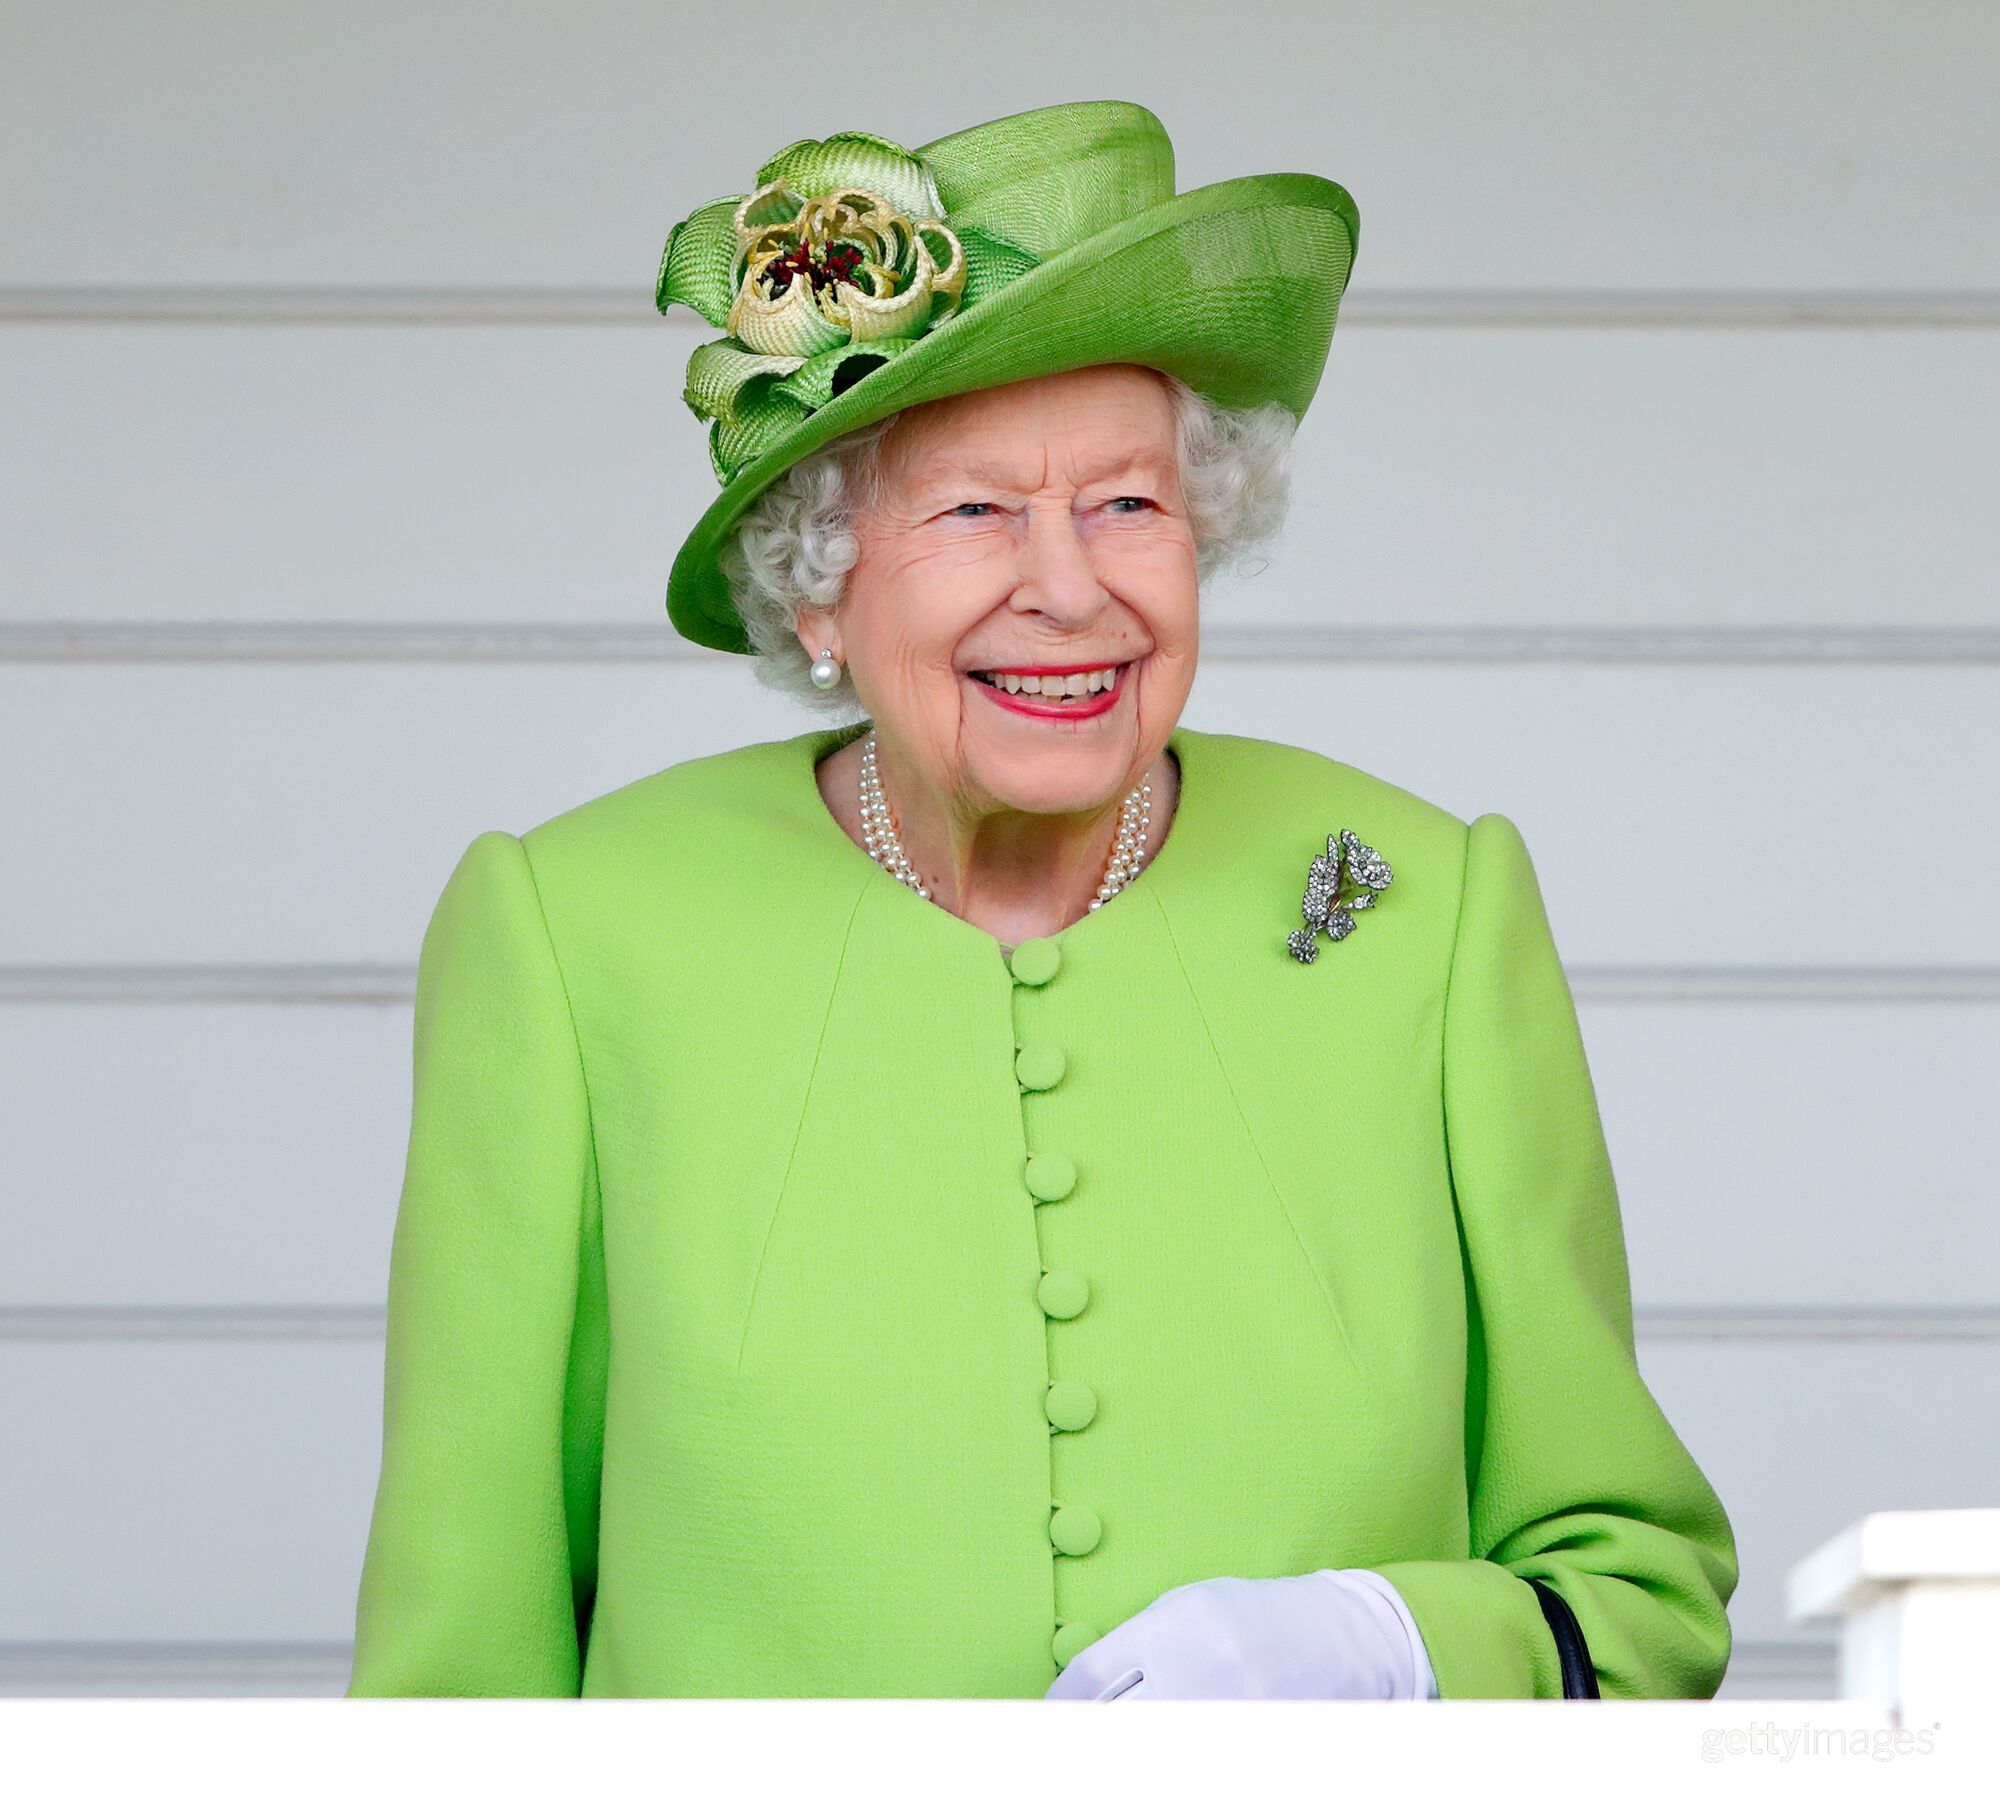 Елизавета II в салатовом пальто.